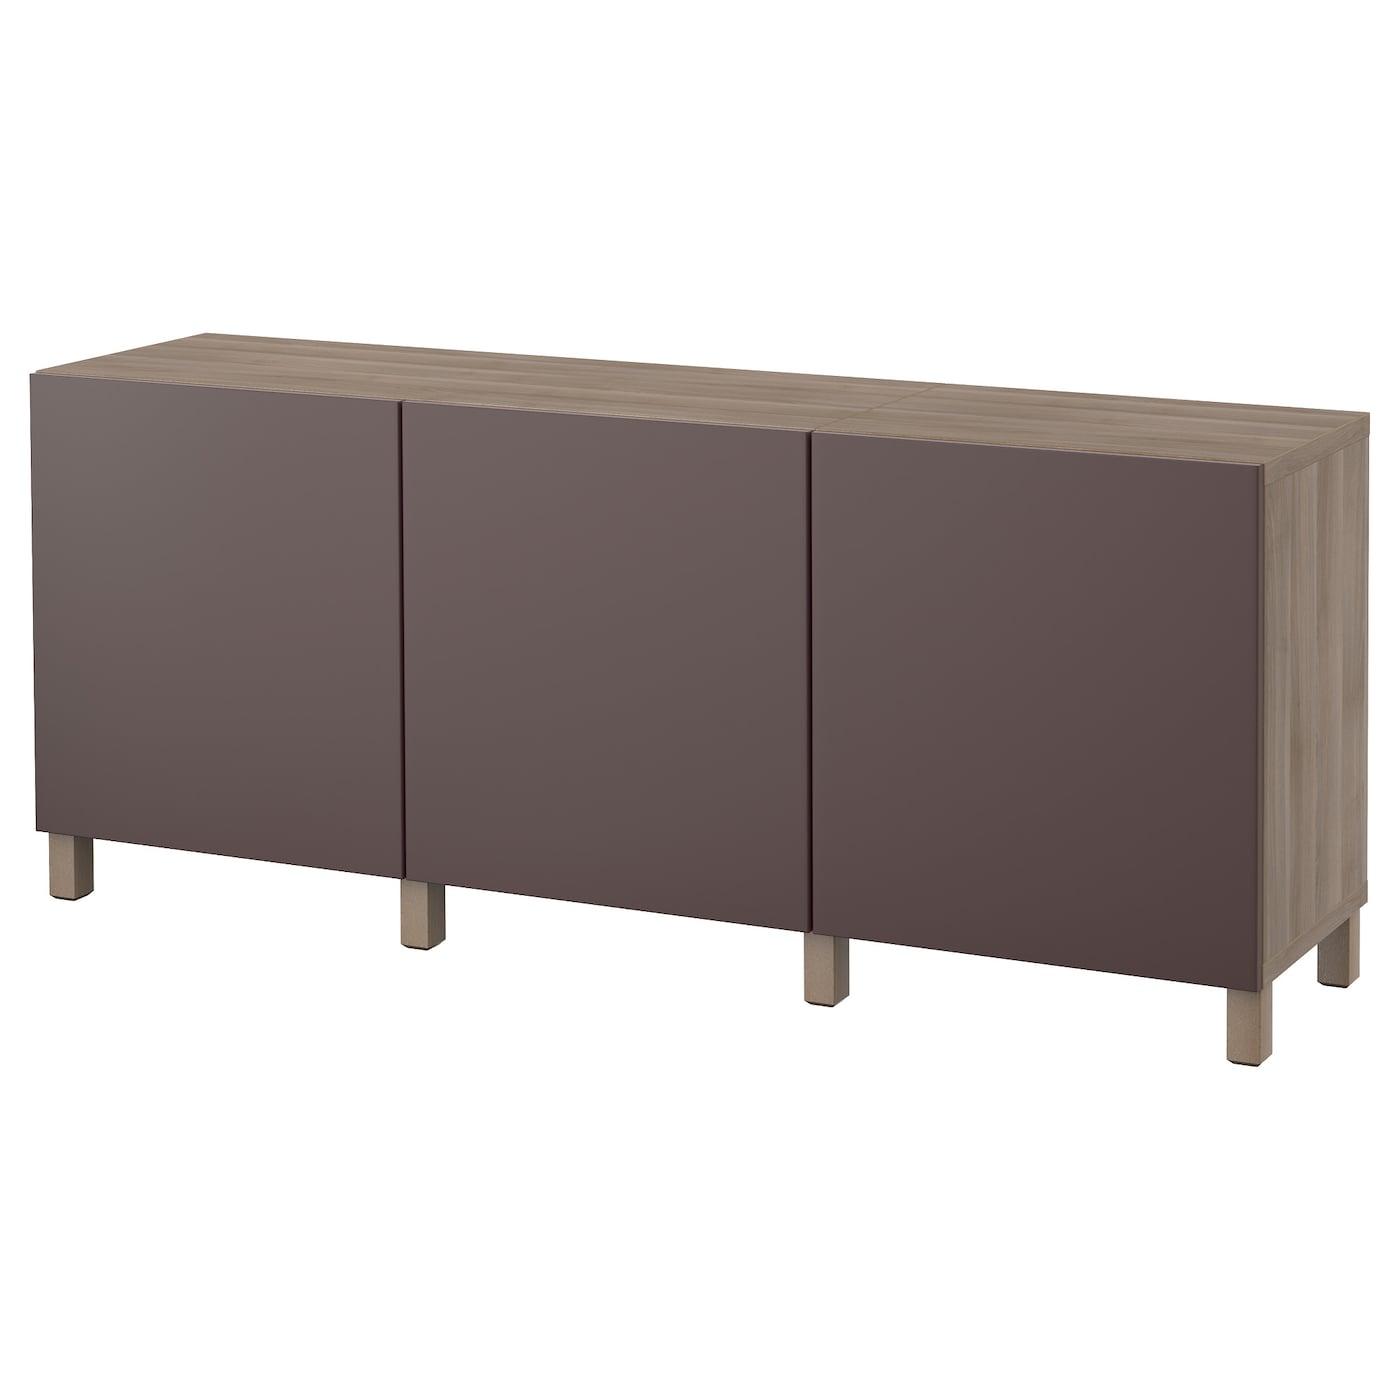 dunkelbraun papier weitere schr nke online kaufen m bel suchmaschine. Black Bedroom Furniture Sets. Home Design Ideas